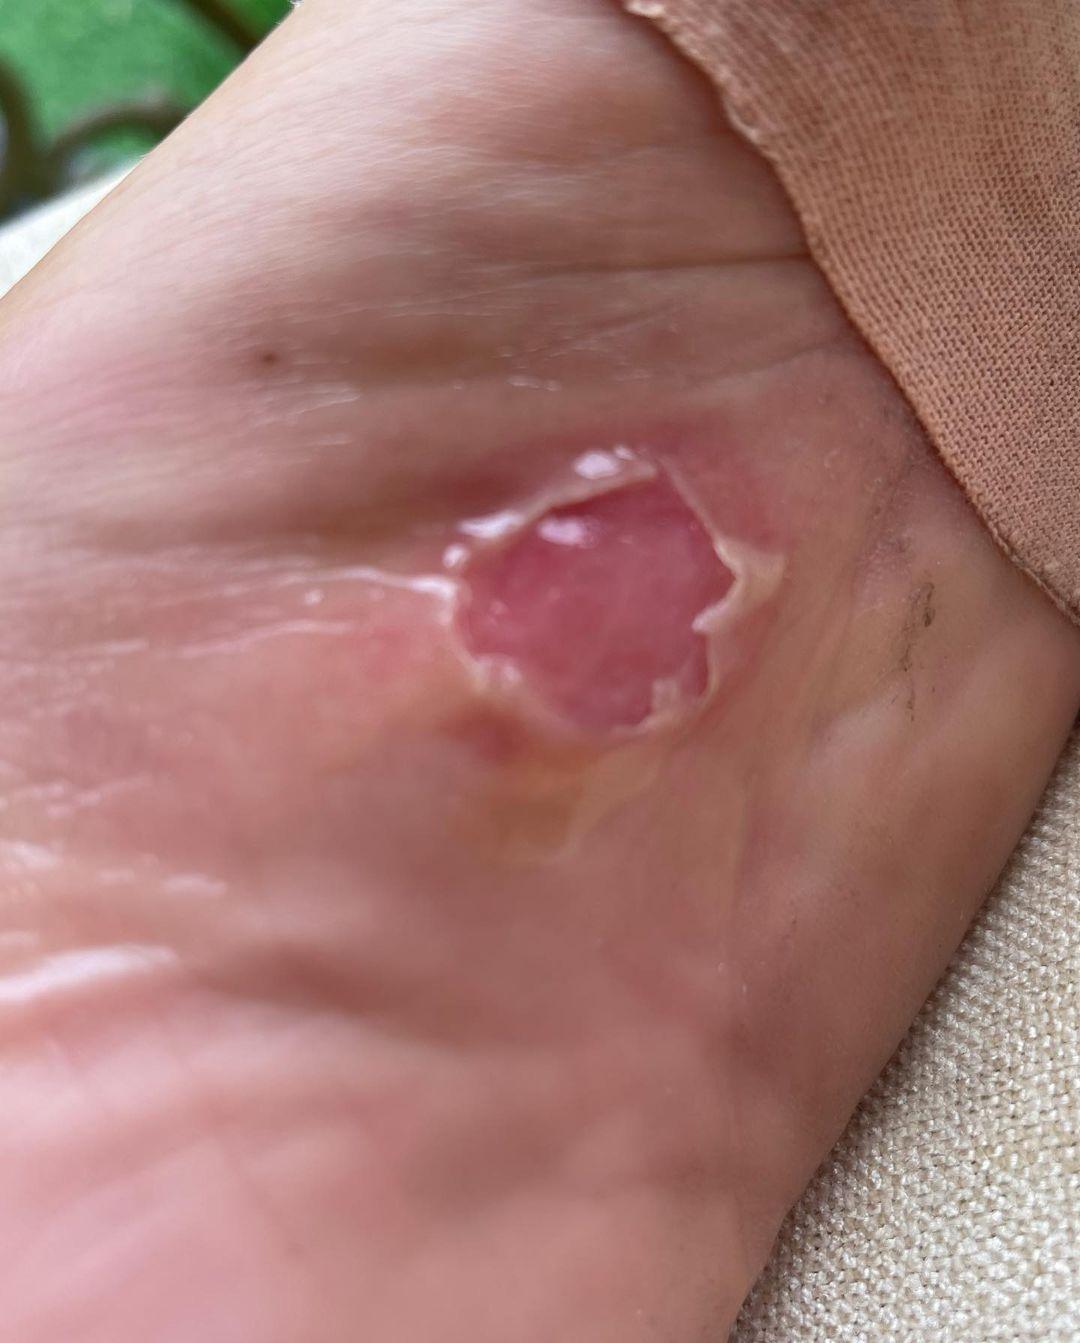 Слабонервным и впечатлительным не смотреть: Анастасия Волочкова показала стёртую кожу на ногах после презентации альбома